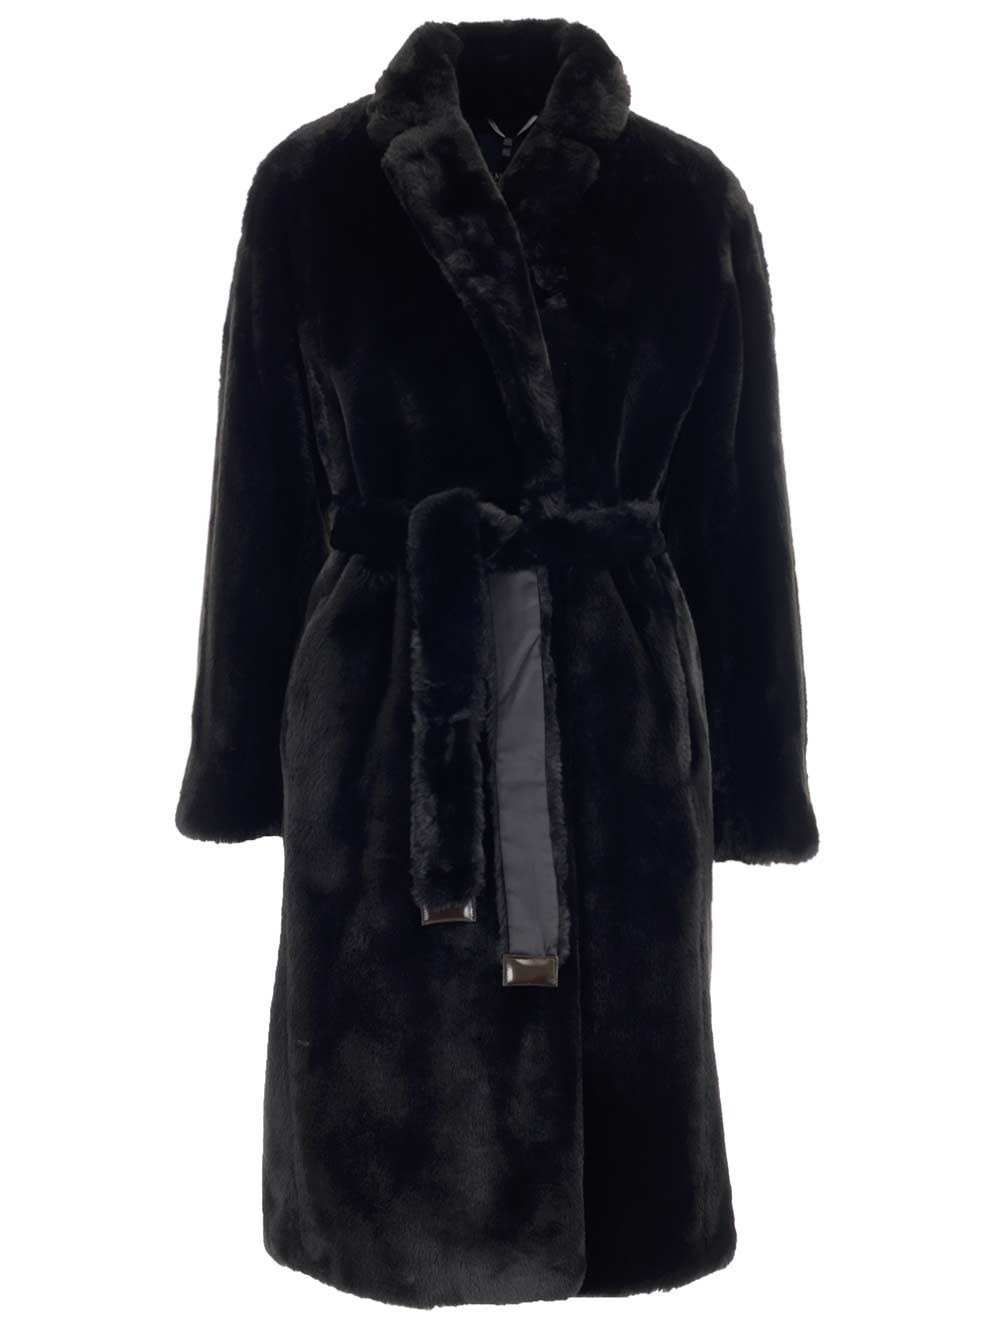 'S MAX MARA Faux Fur Long Coat